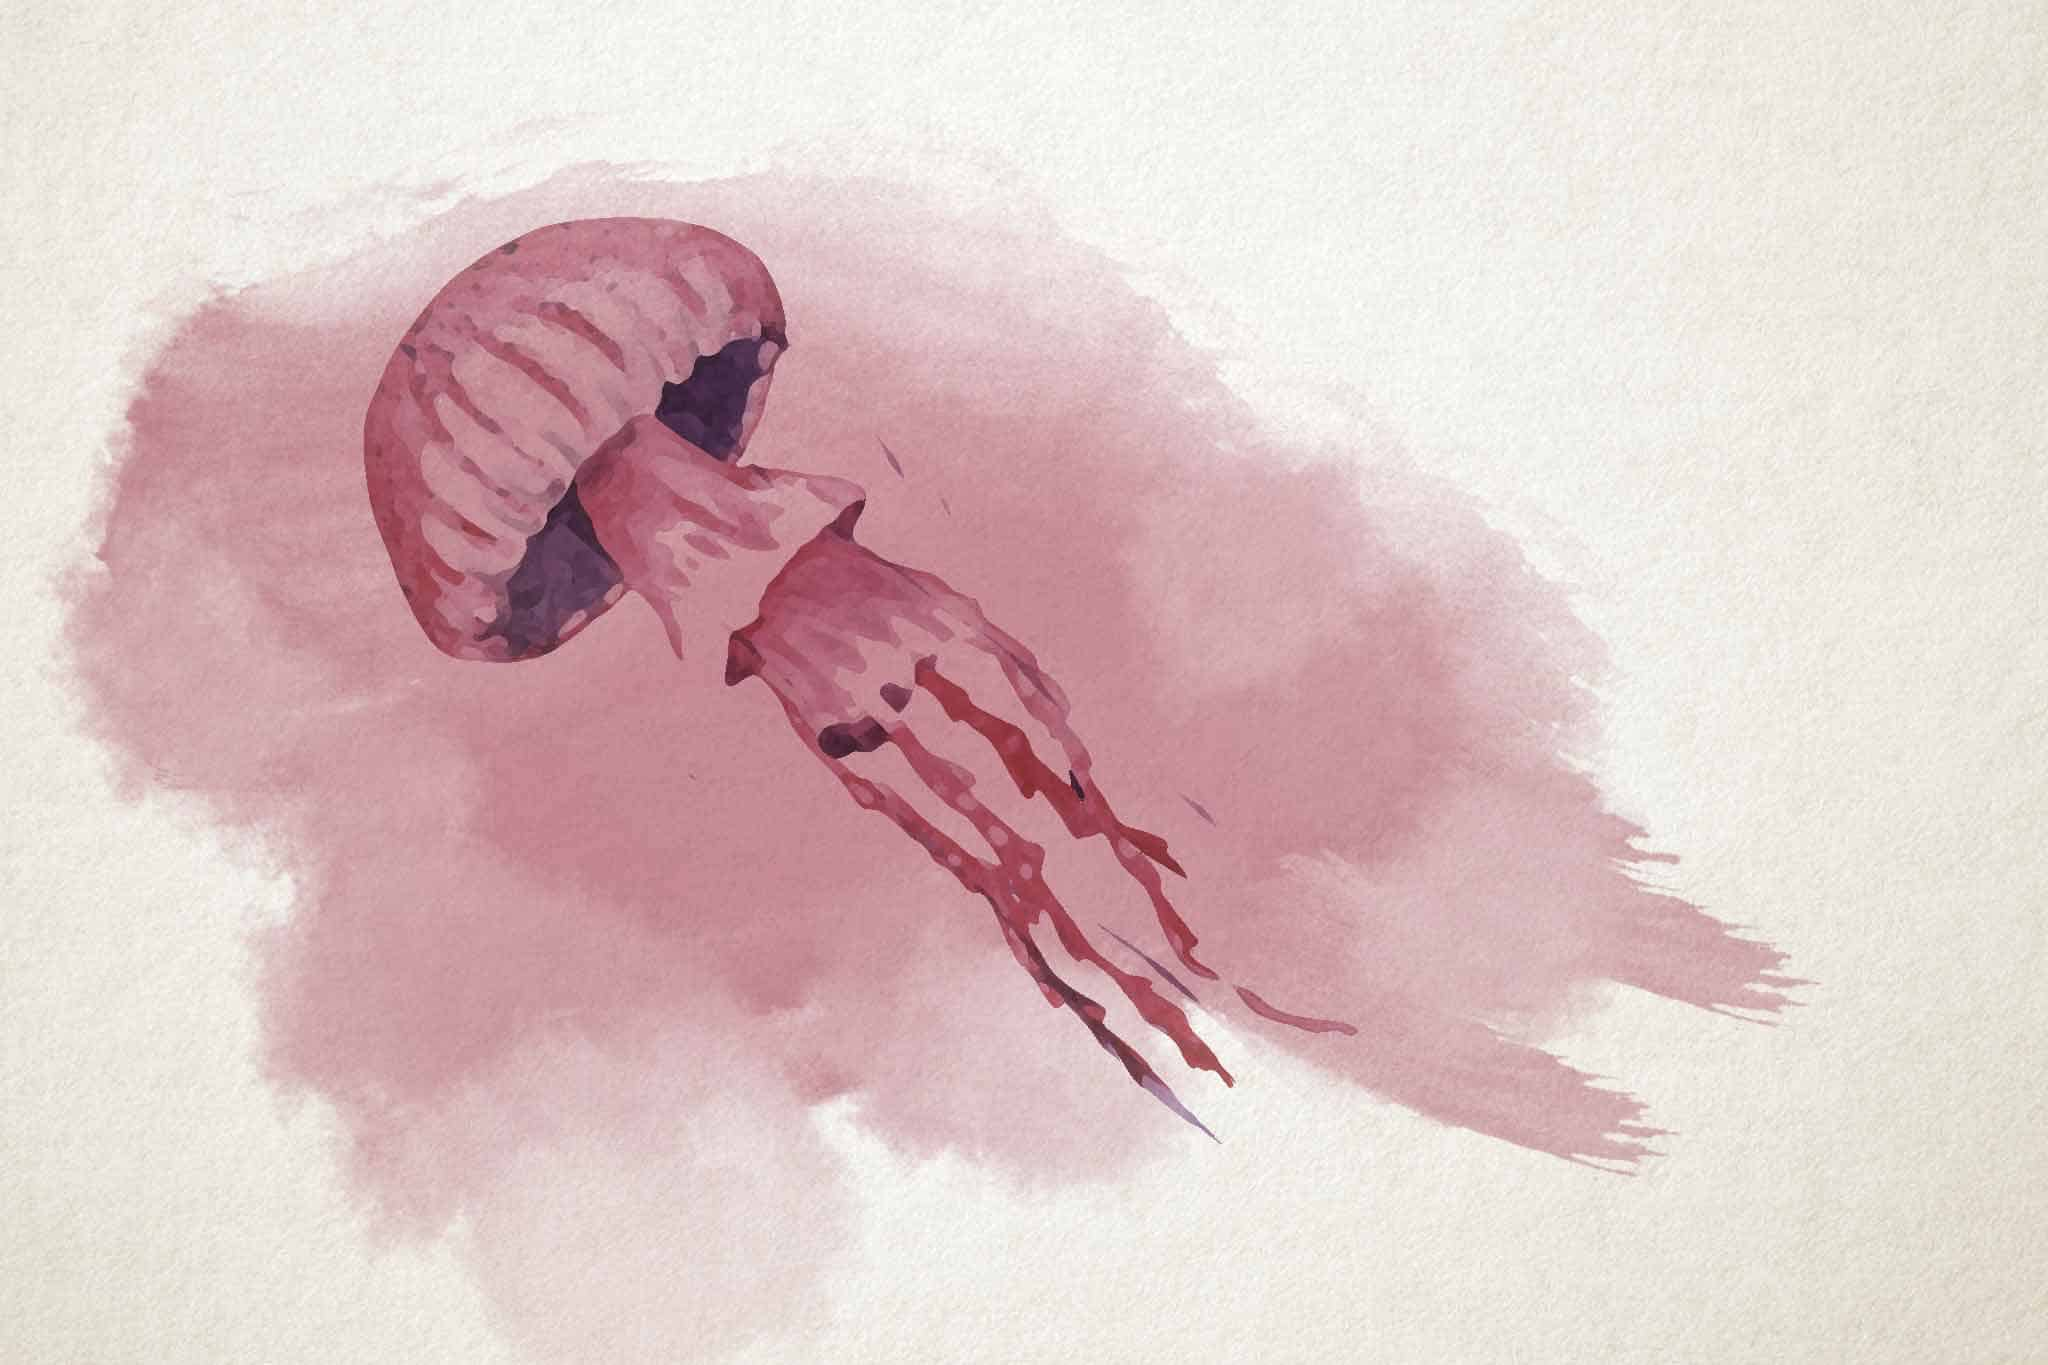 jellyfish pink white